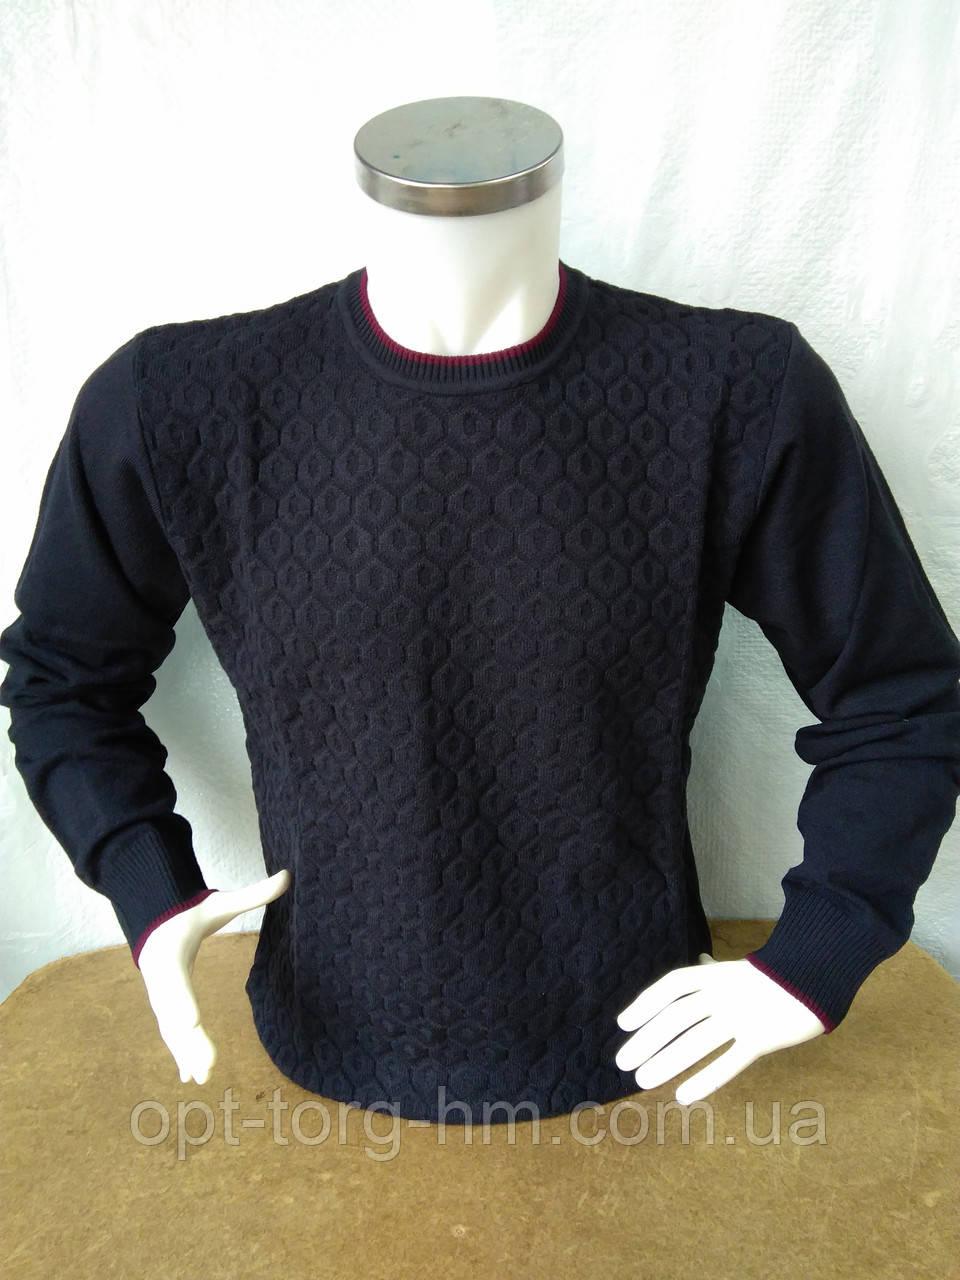 Мужской свитер увеличенный